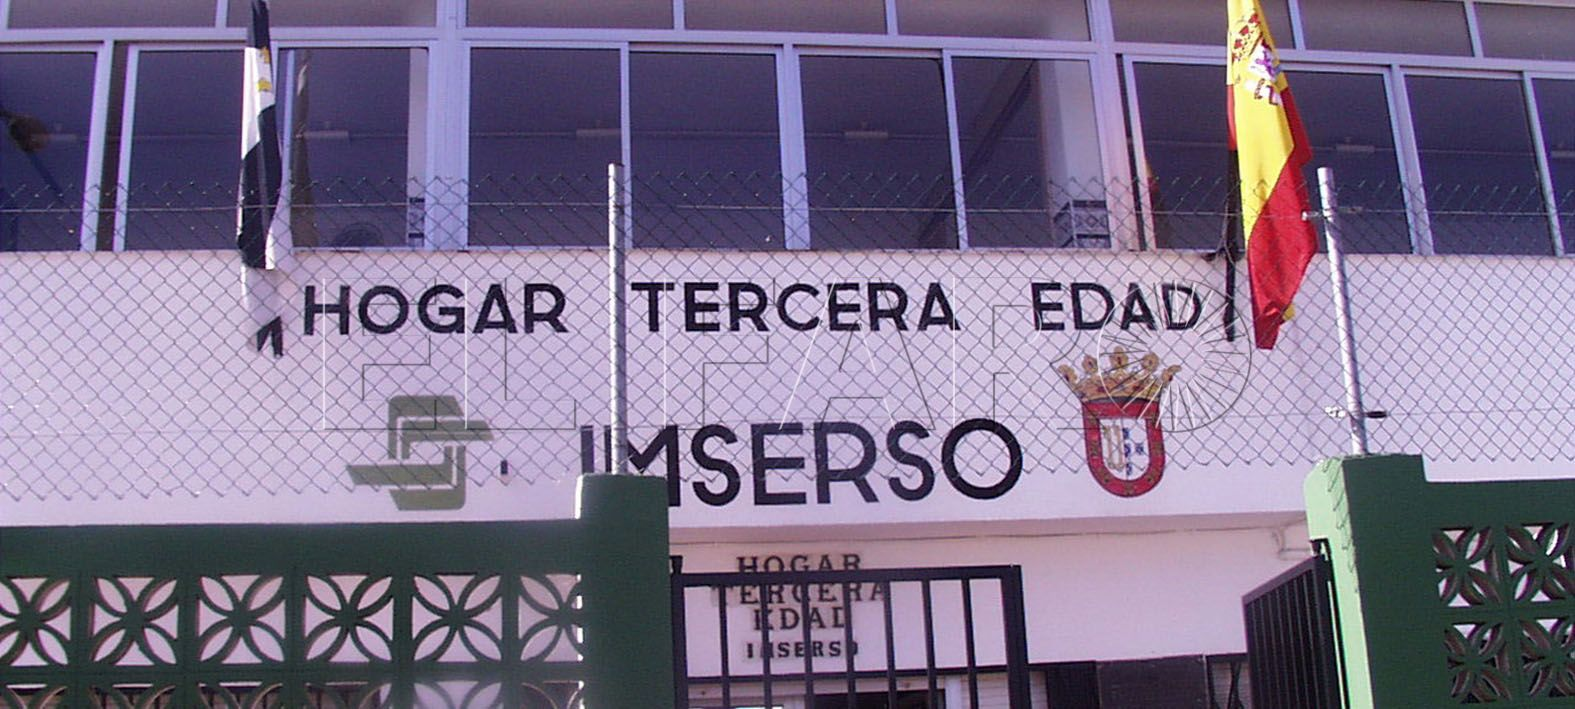 El Imserso quiere realizar varias construcciones en nuestra ciudad